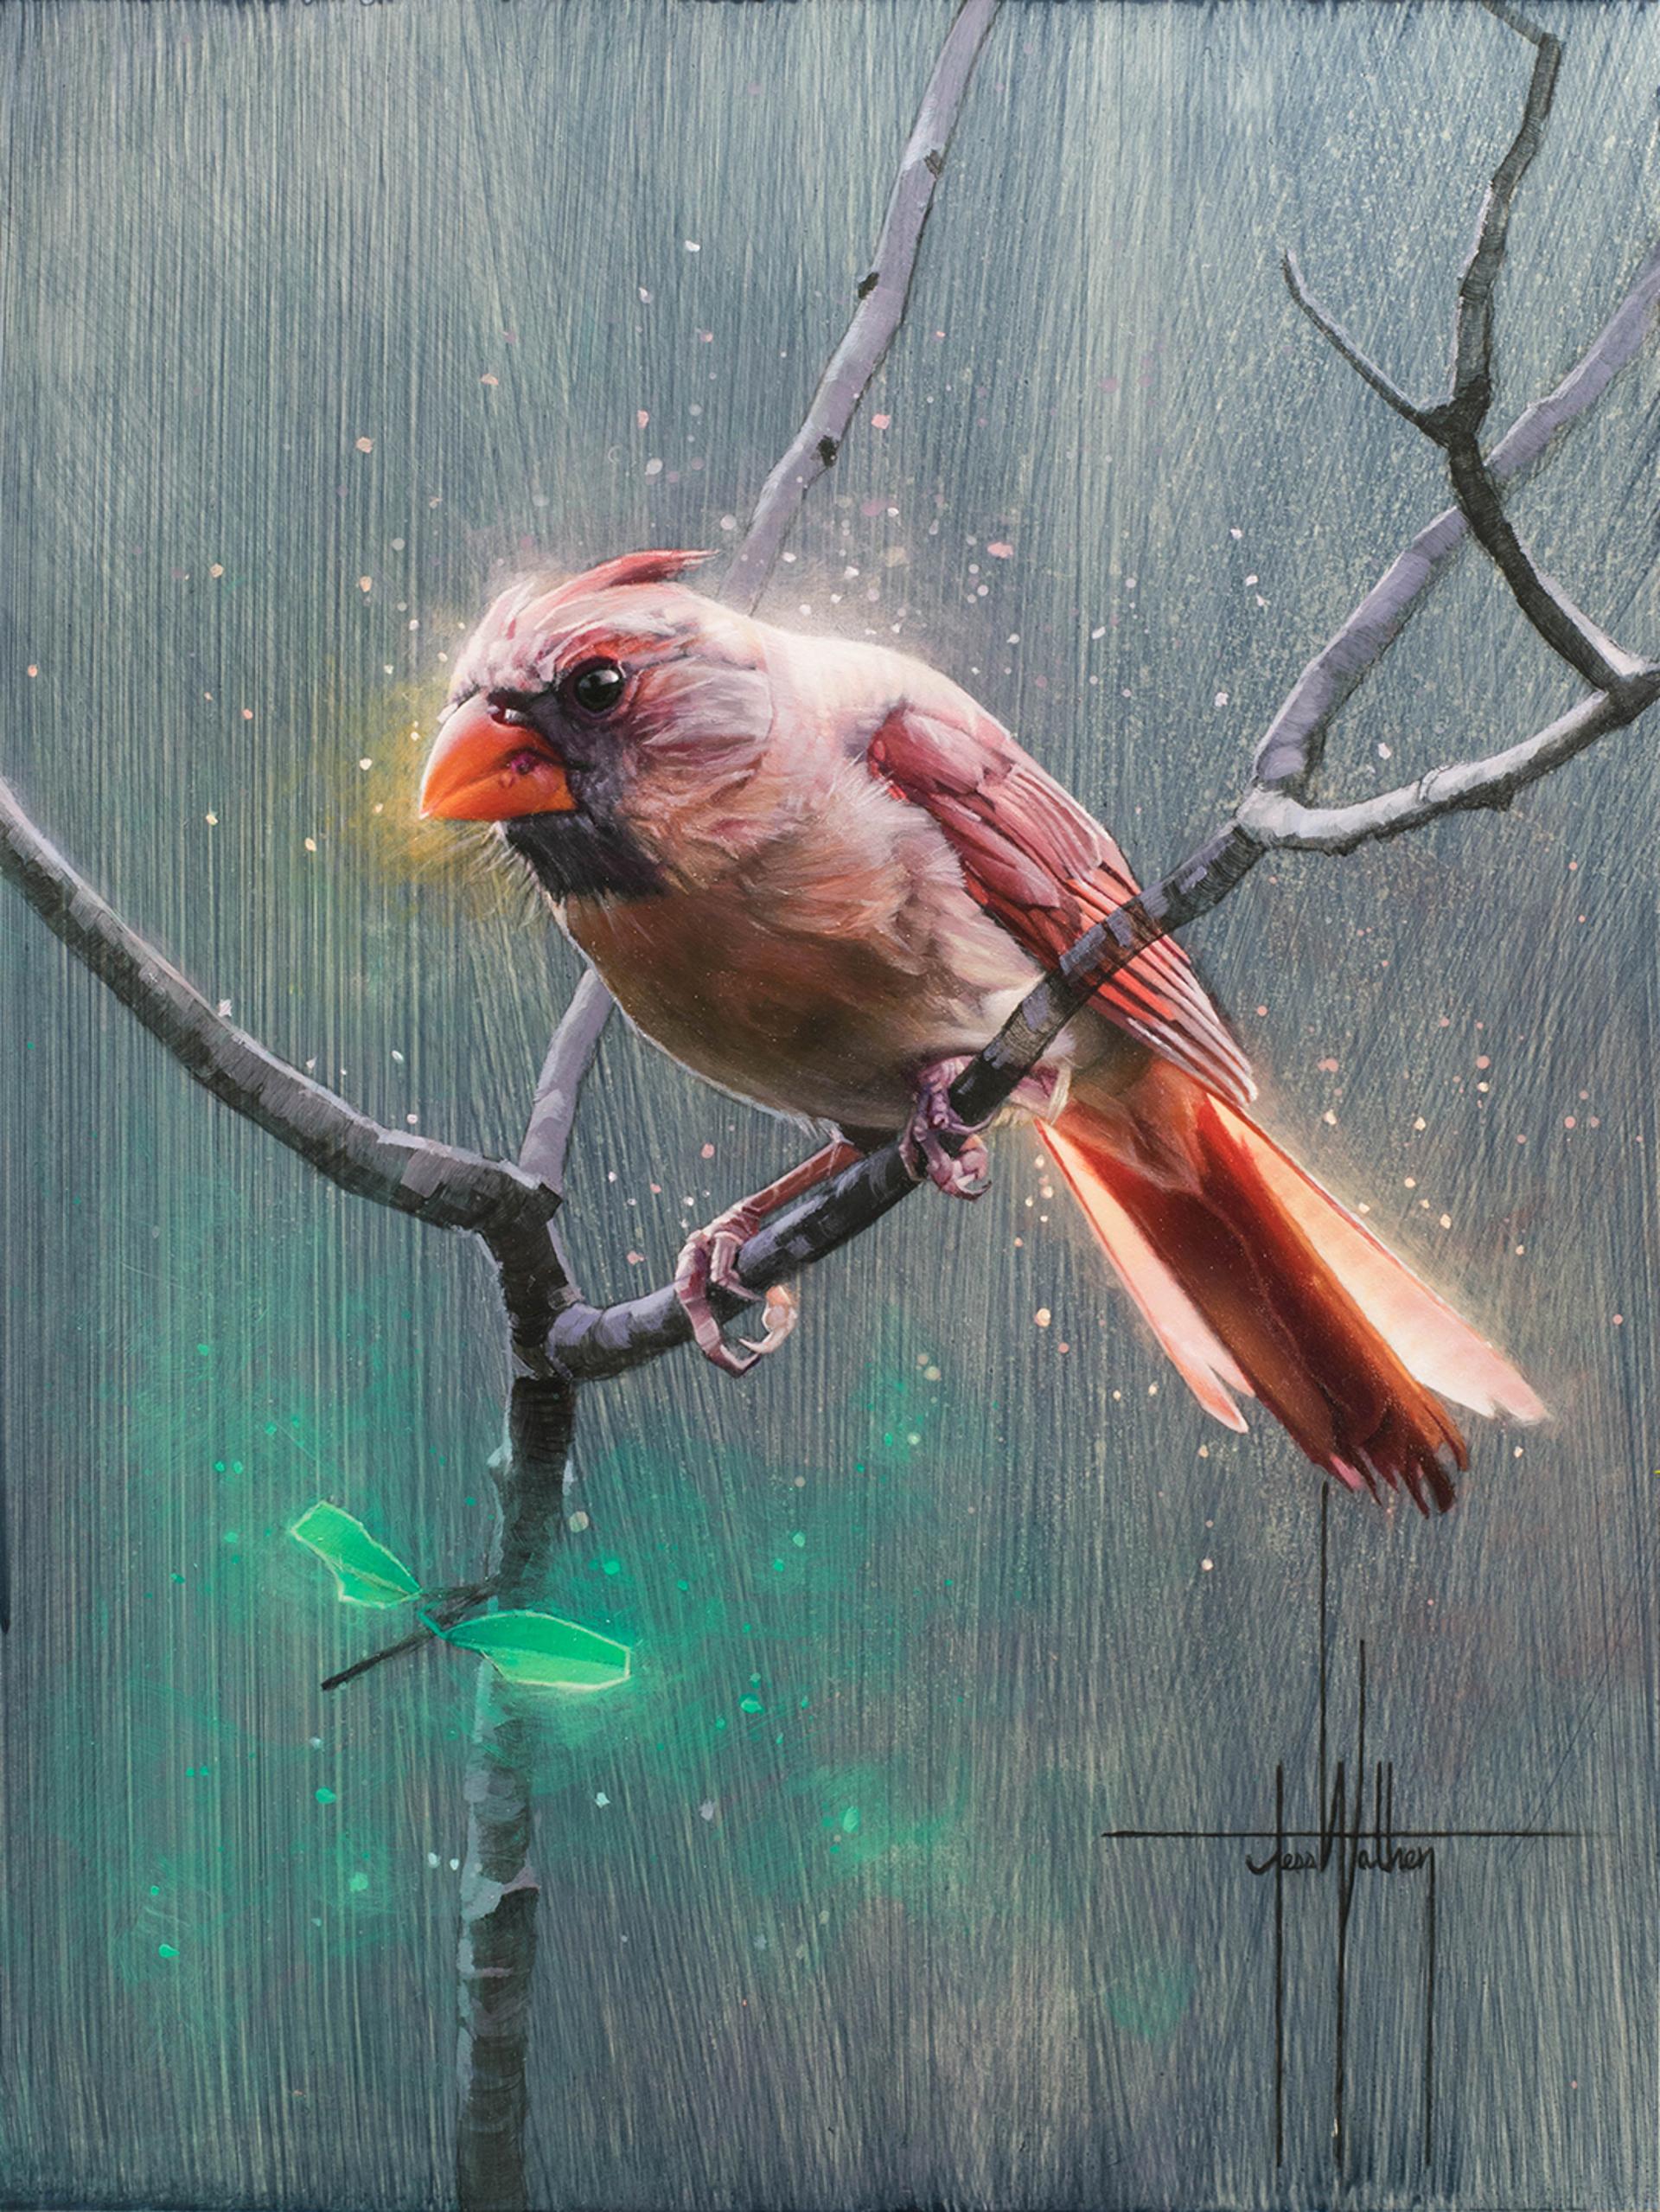 Rain by Jess Wathen